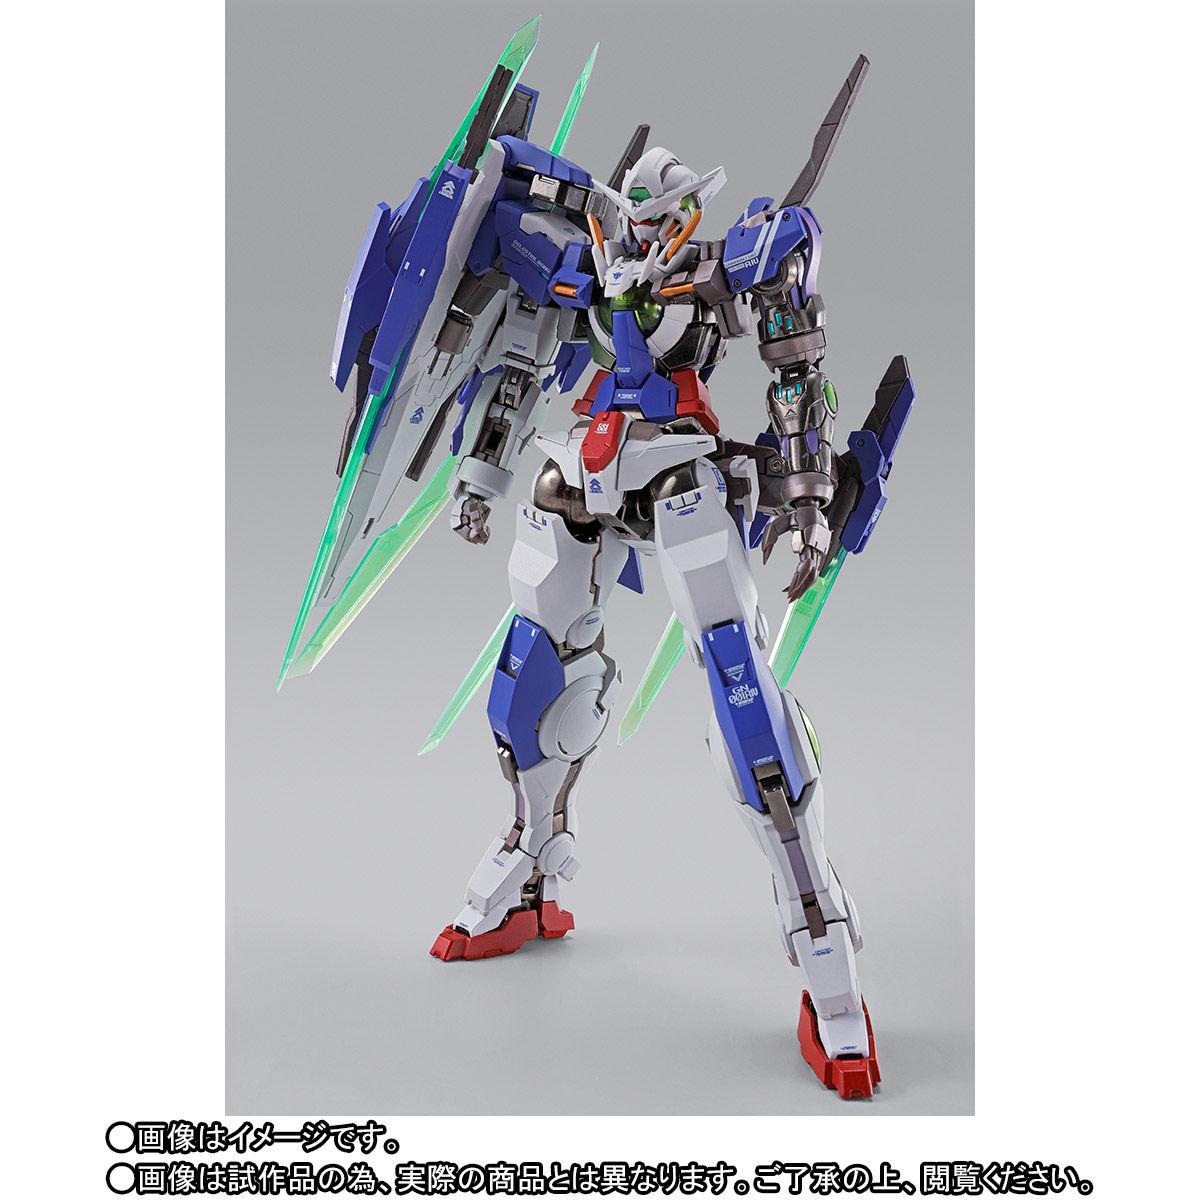 METAL BUILD『ガンダムエクシアリペアIV』機動戦士ガンダム00 可動フィギュア-002